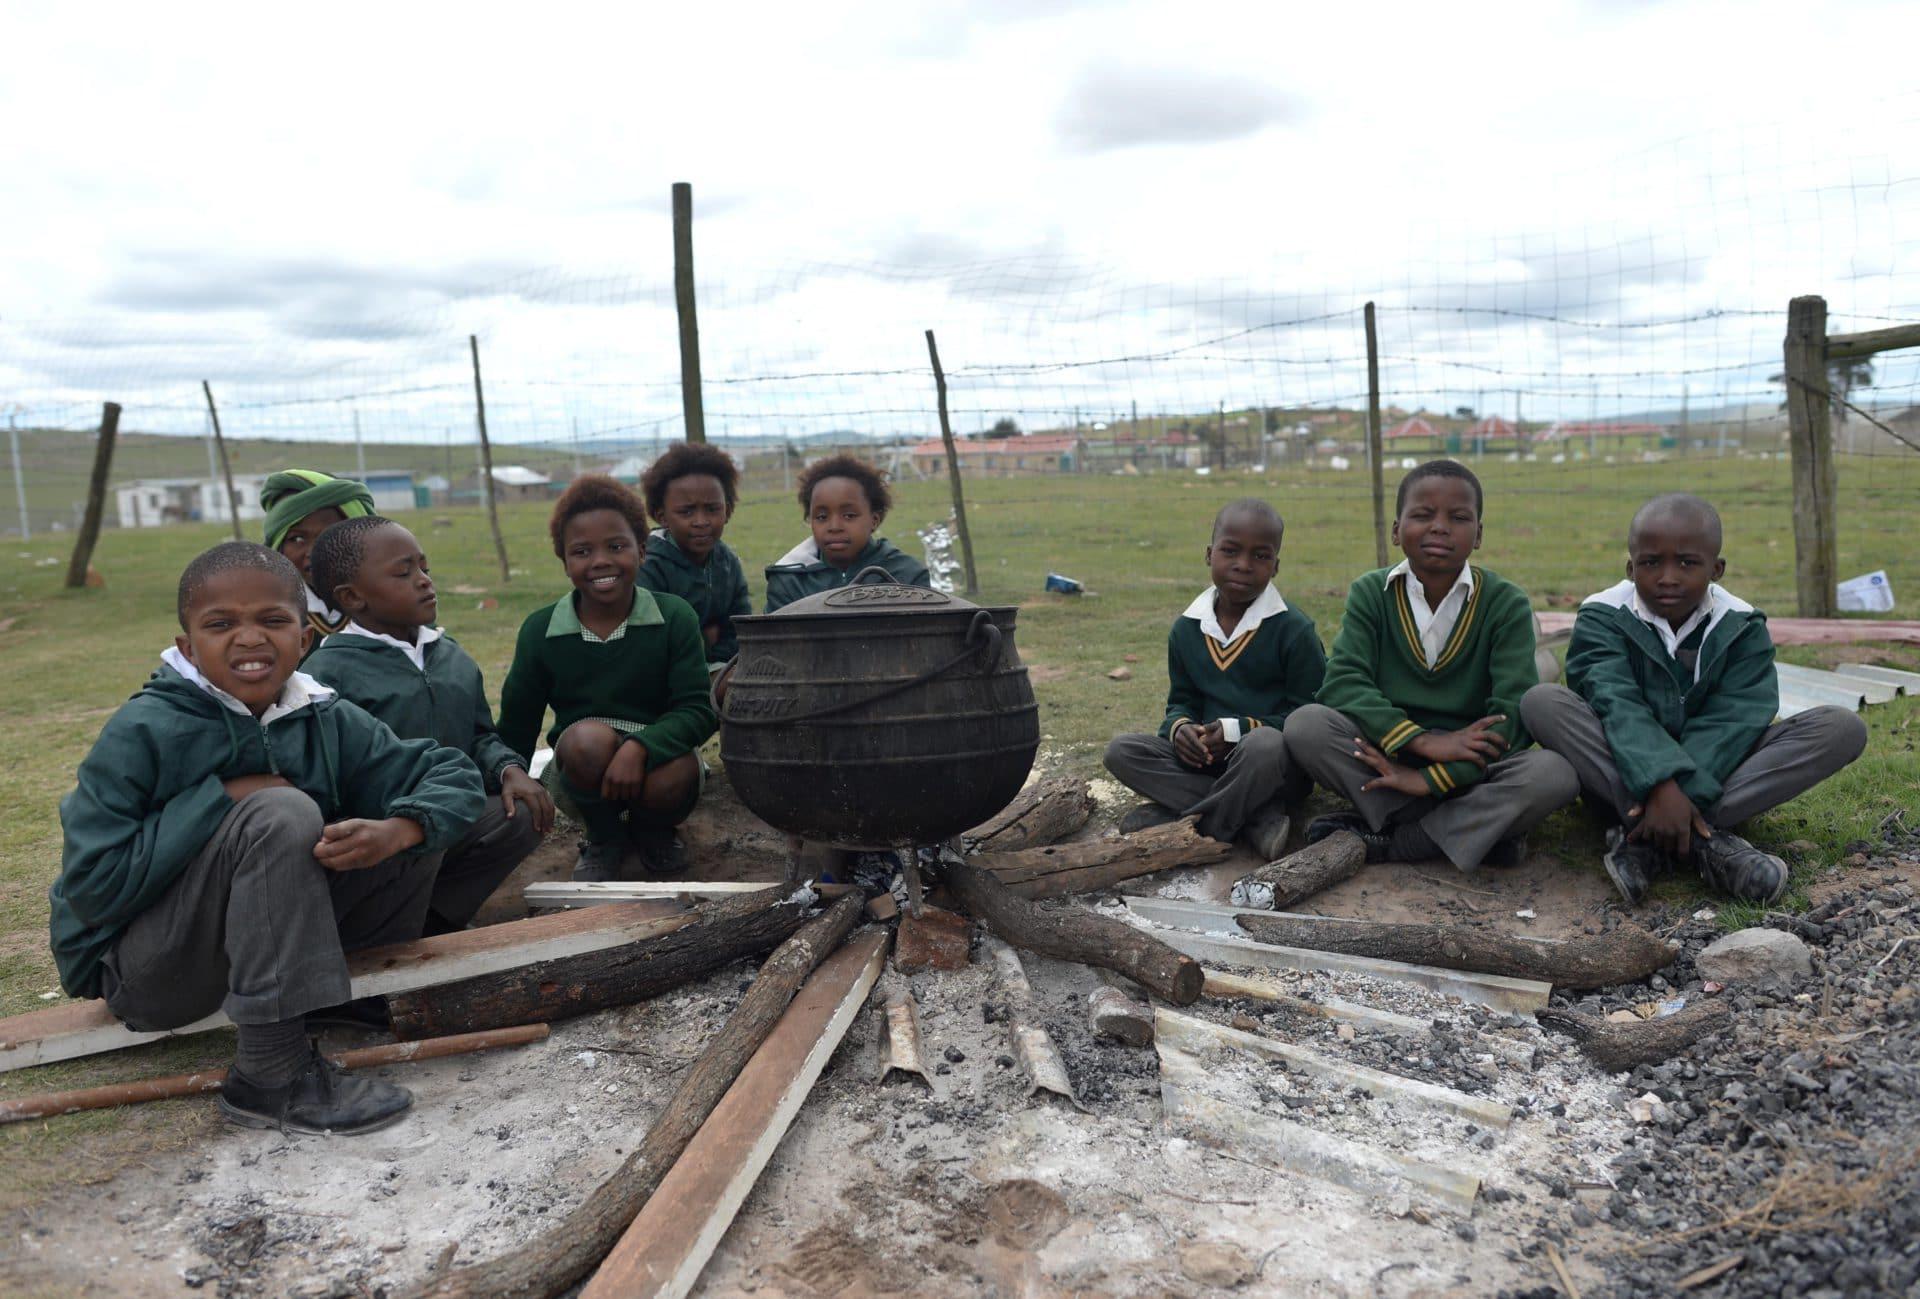 School children cooking pot